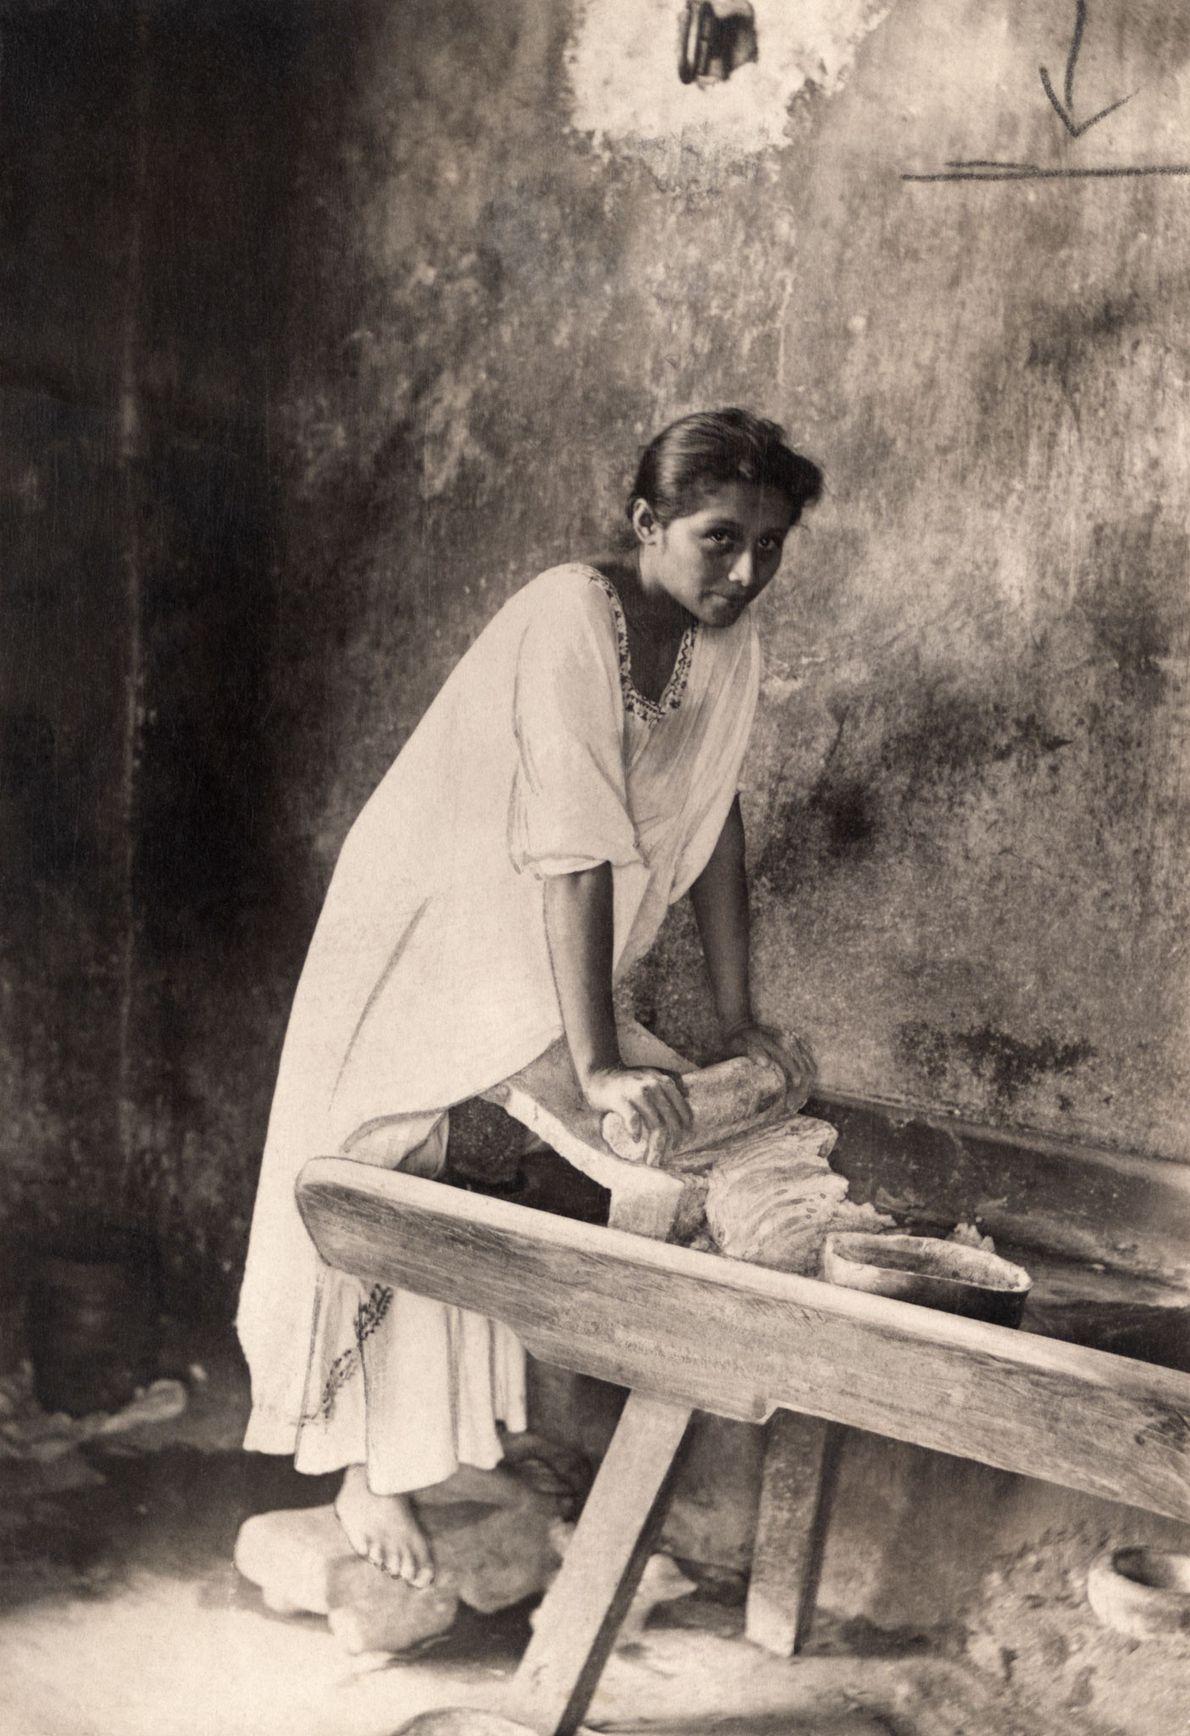 Una mujer posa en 1914 mientras muele maíz con un metate de piedra en México.